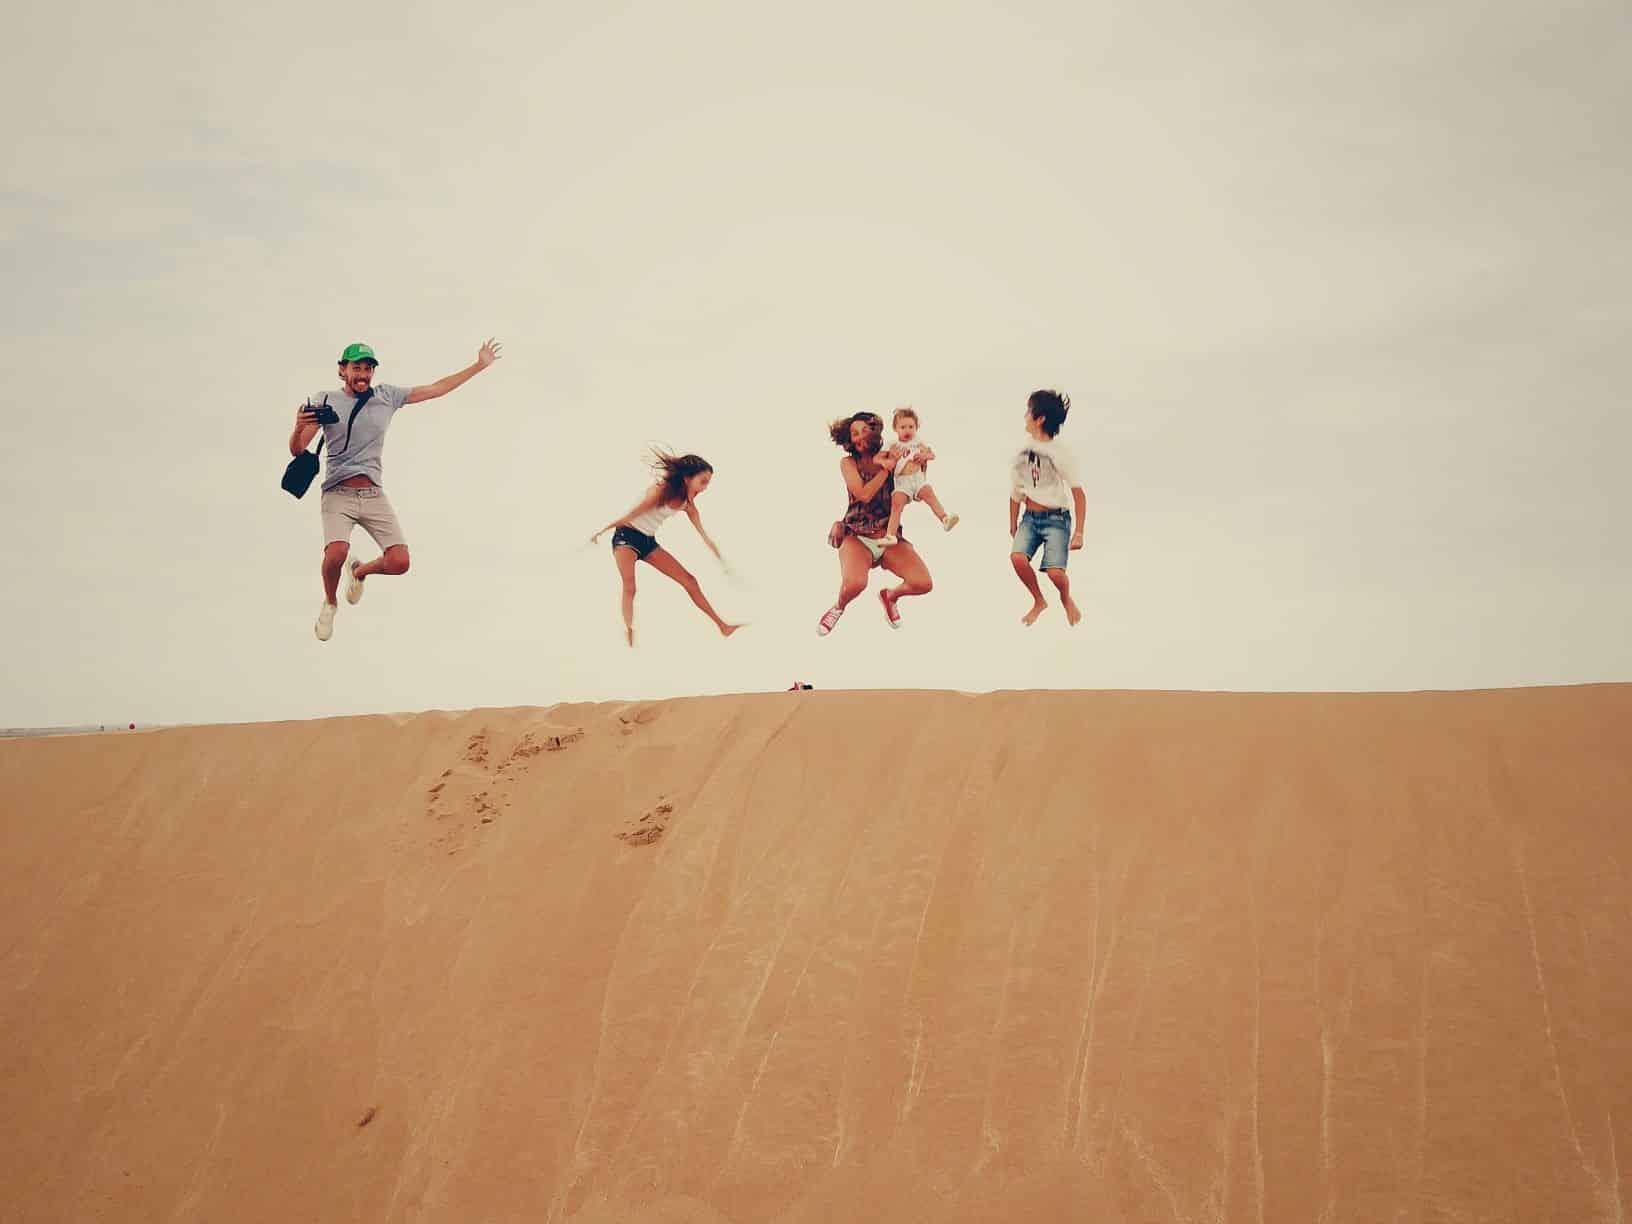 famille saut dune desert